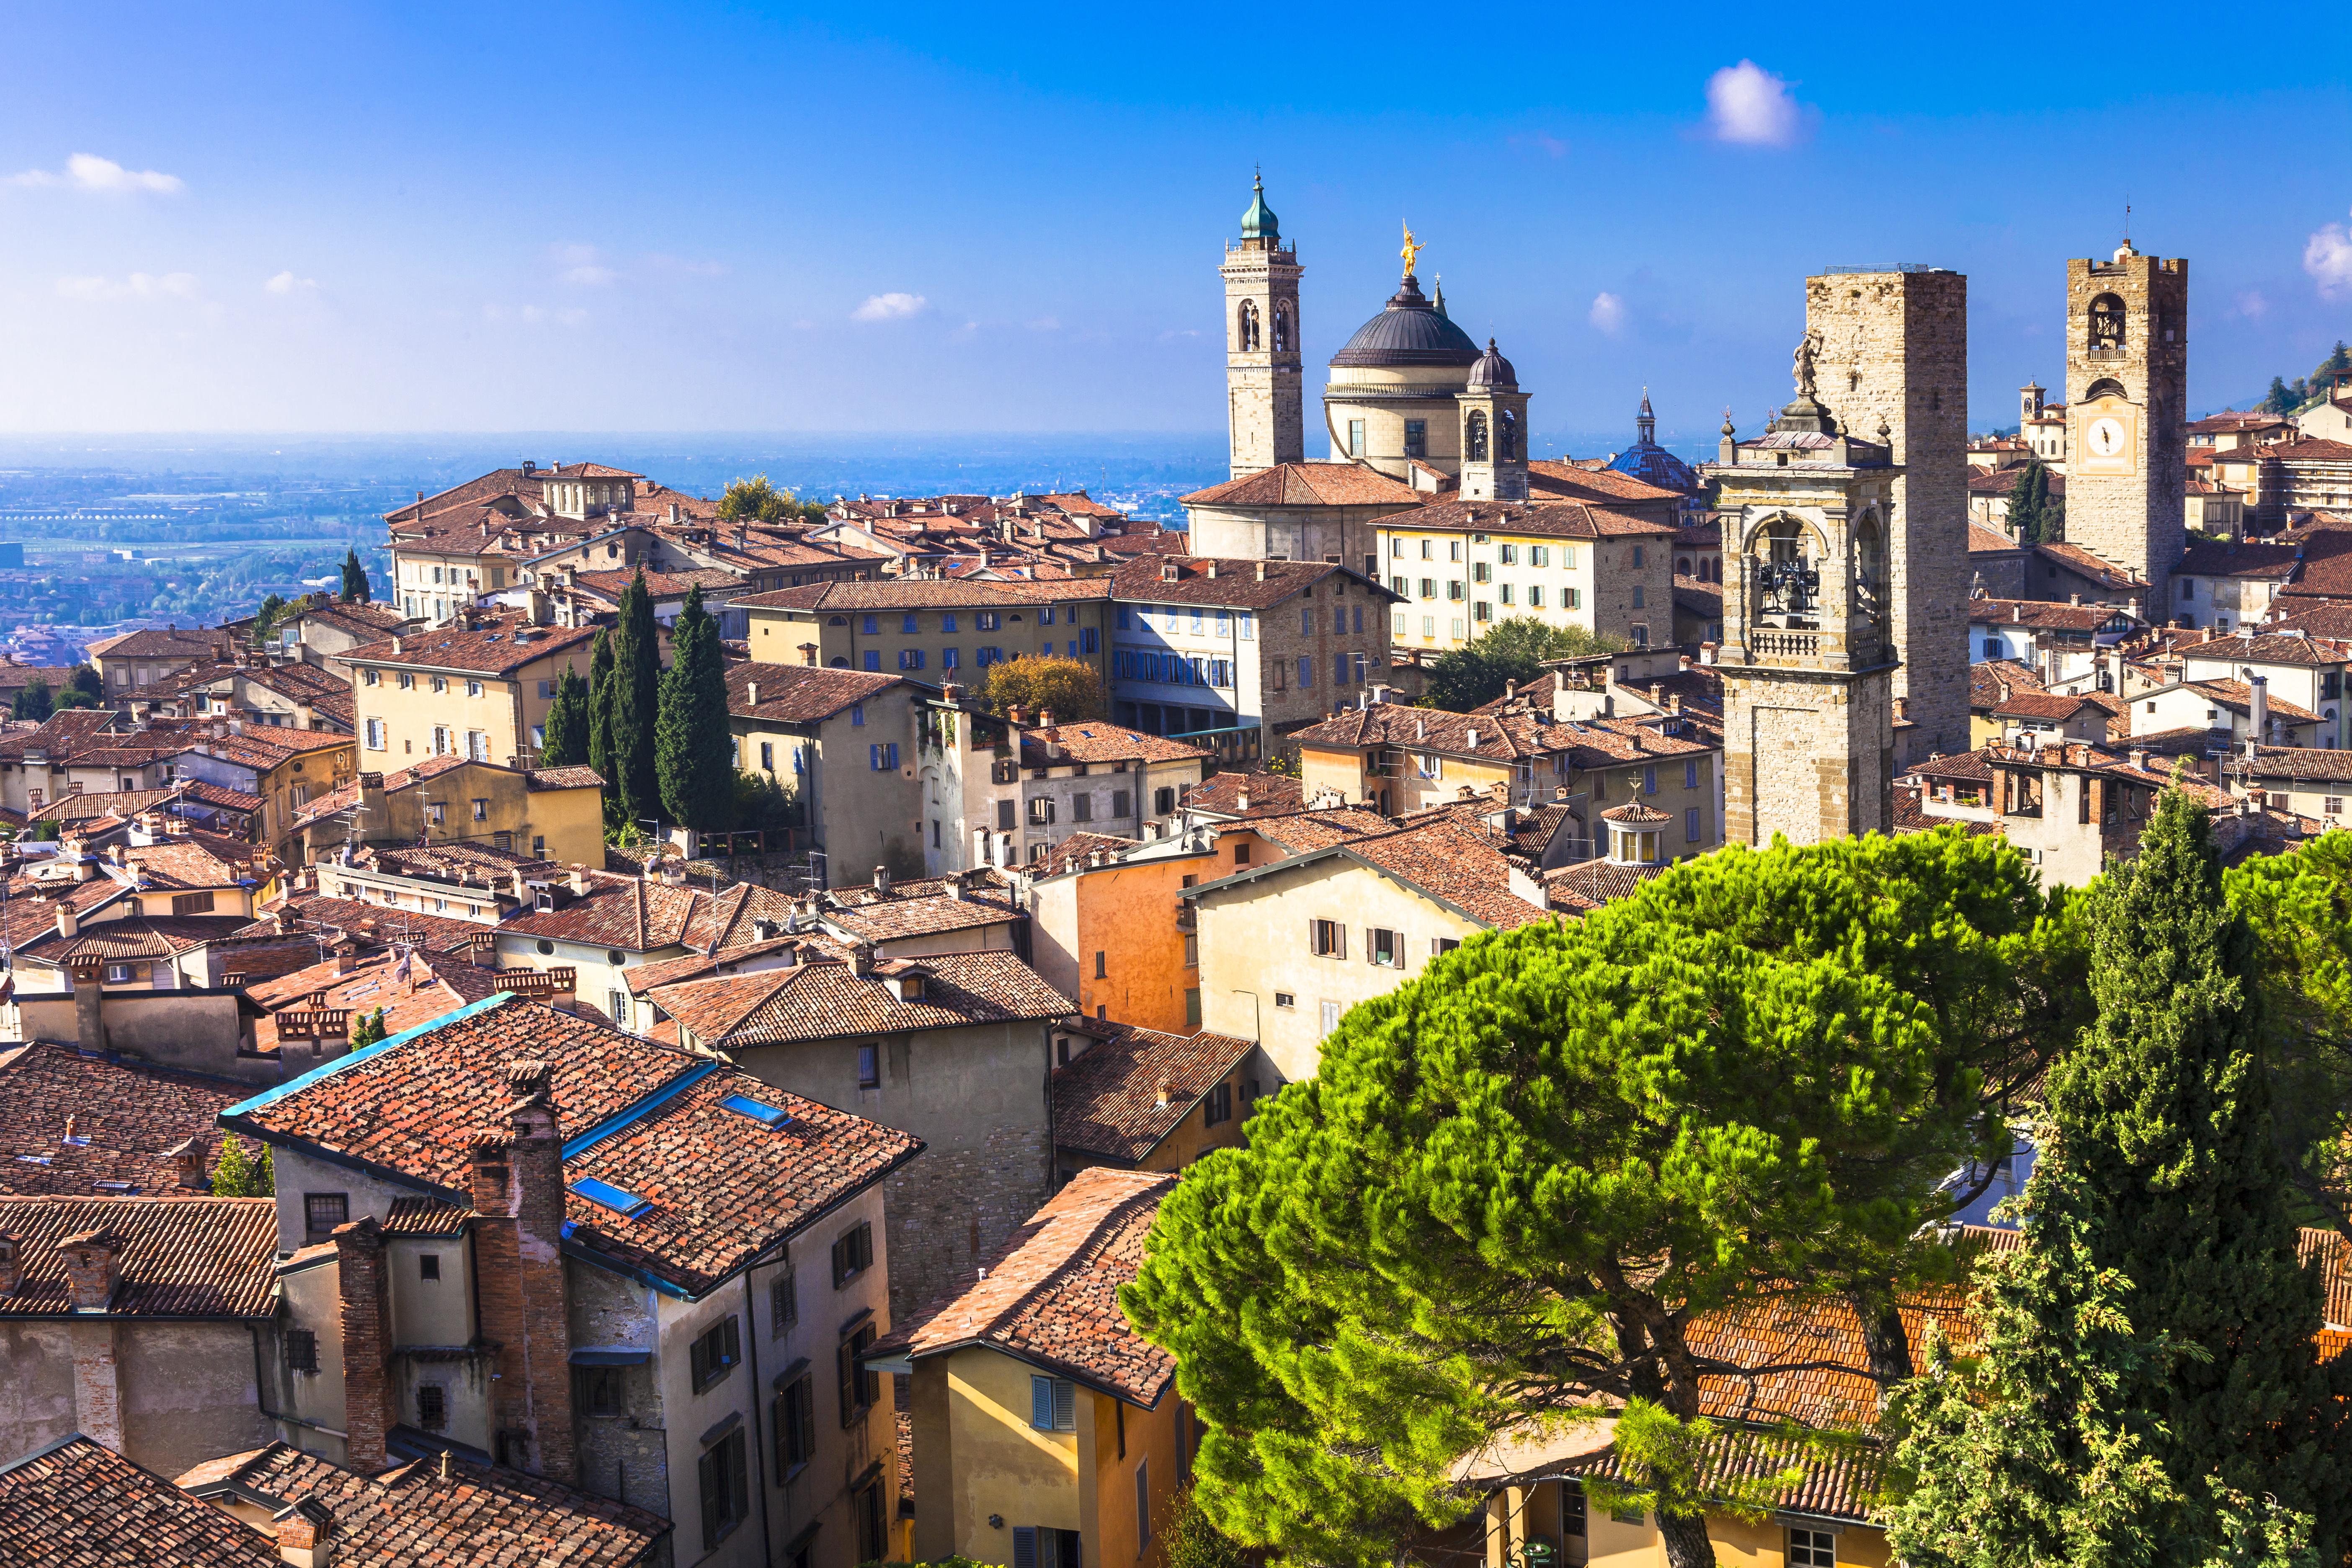 Ontdek het prachtige Bergamo